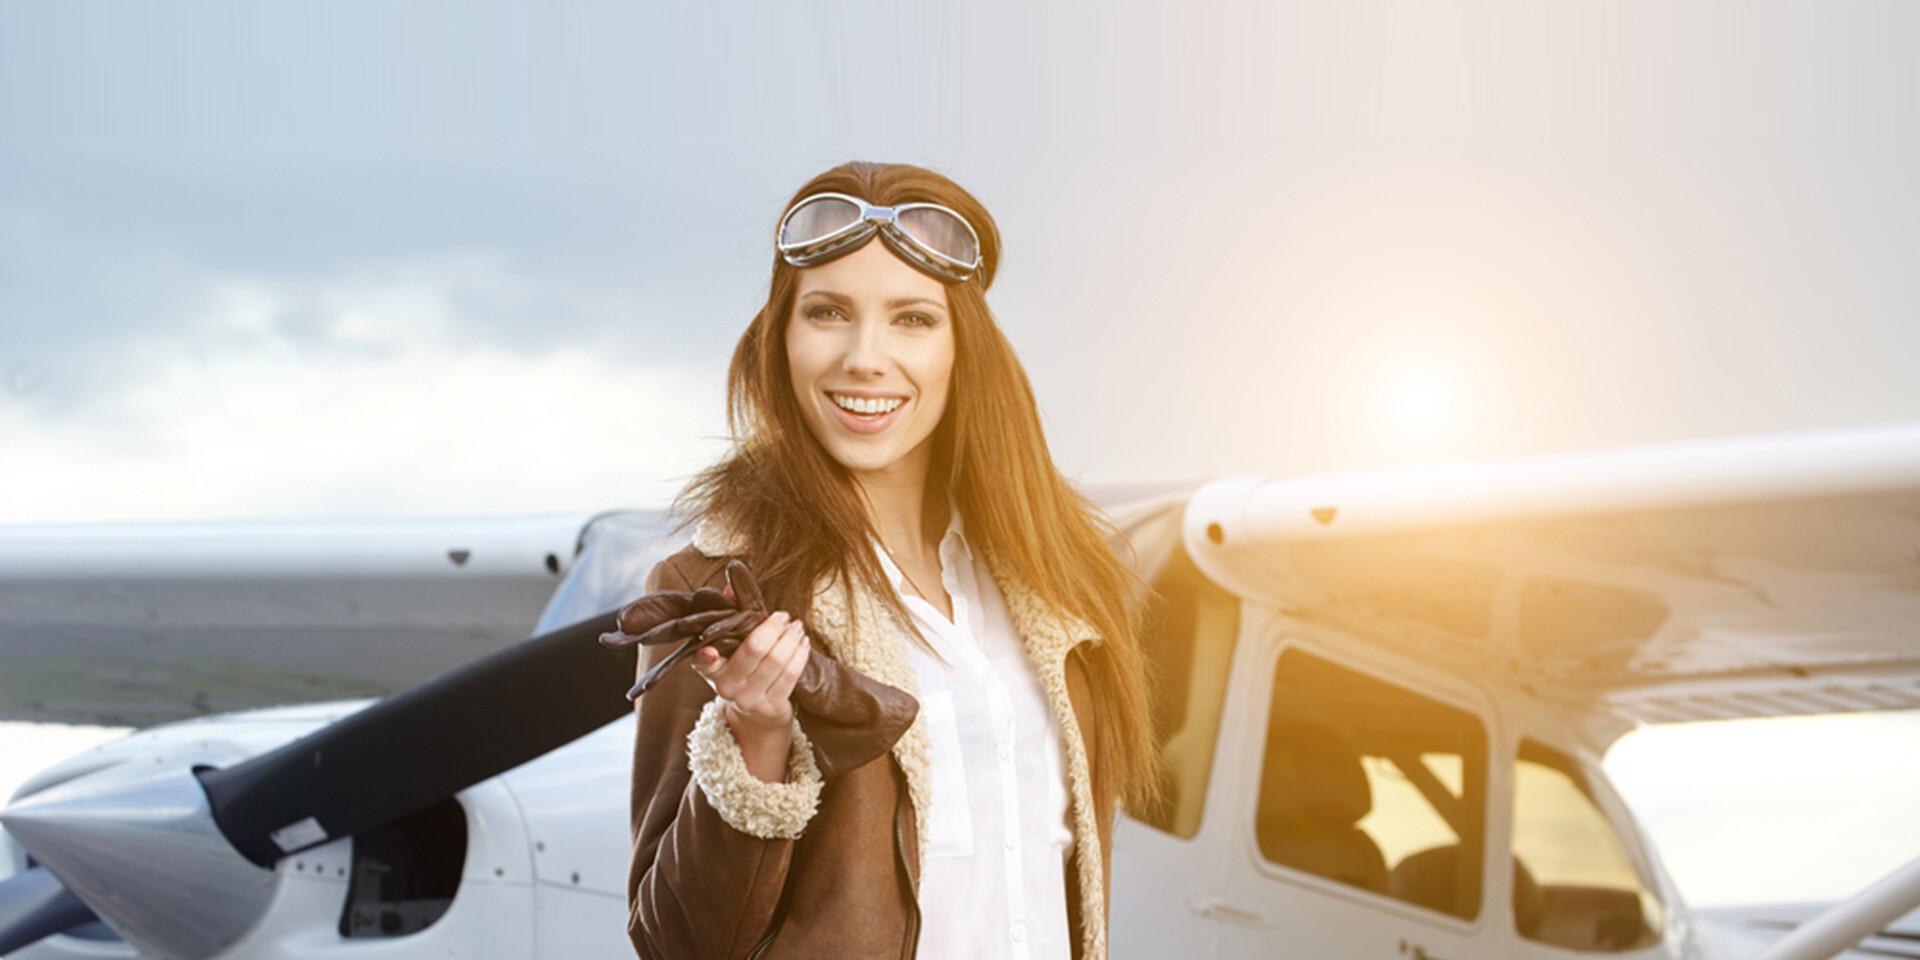 Vyleťte do výšin lietadlom a vyskúšajte si pilotovanie na vlastných krídlach